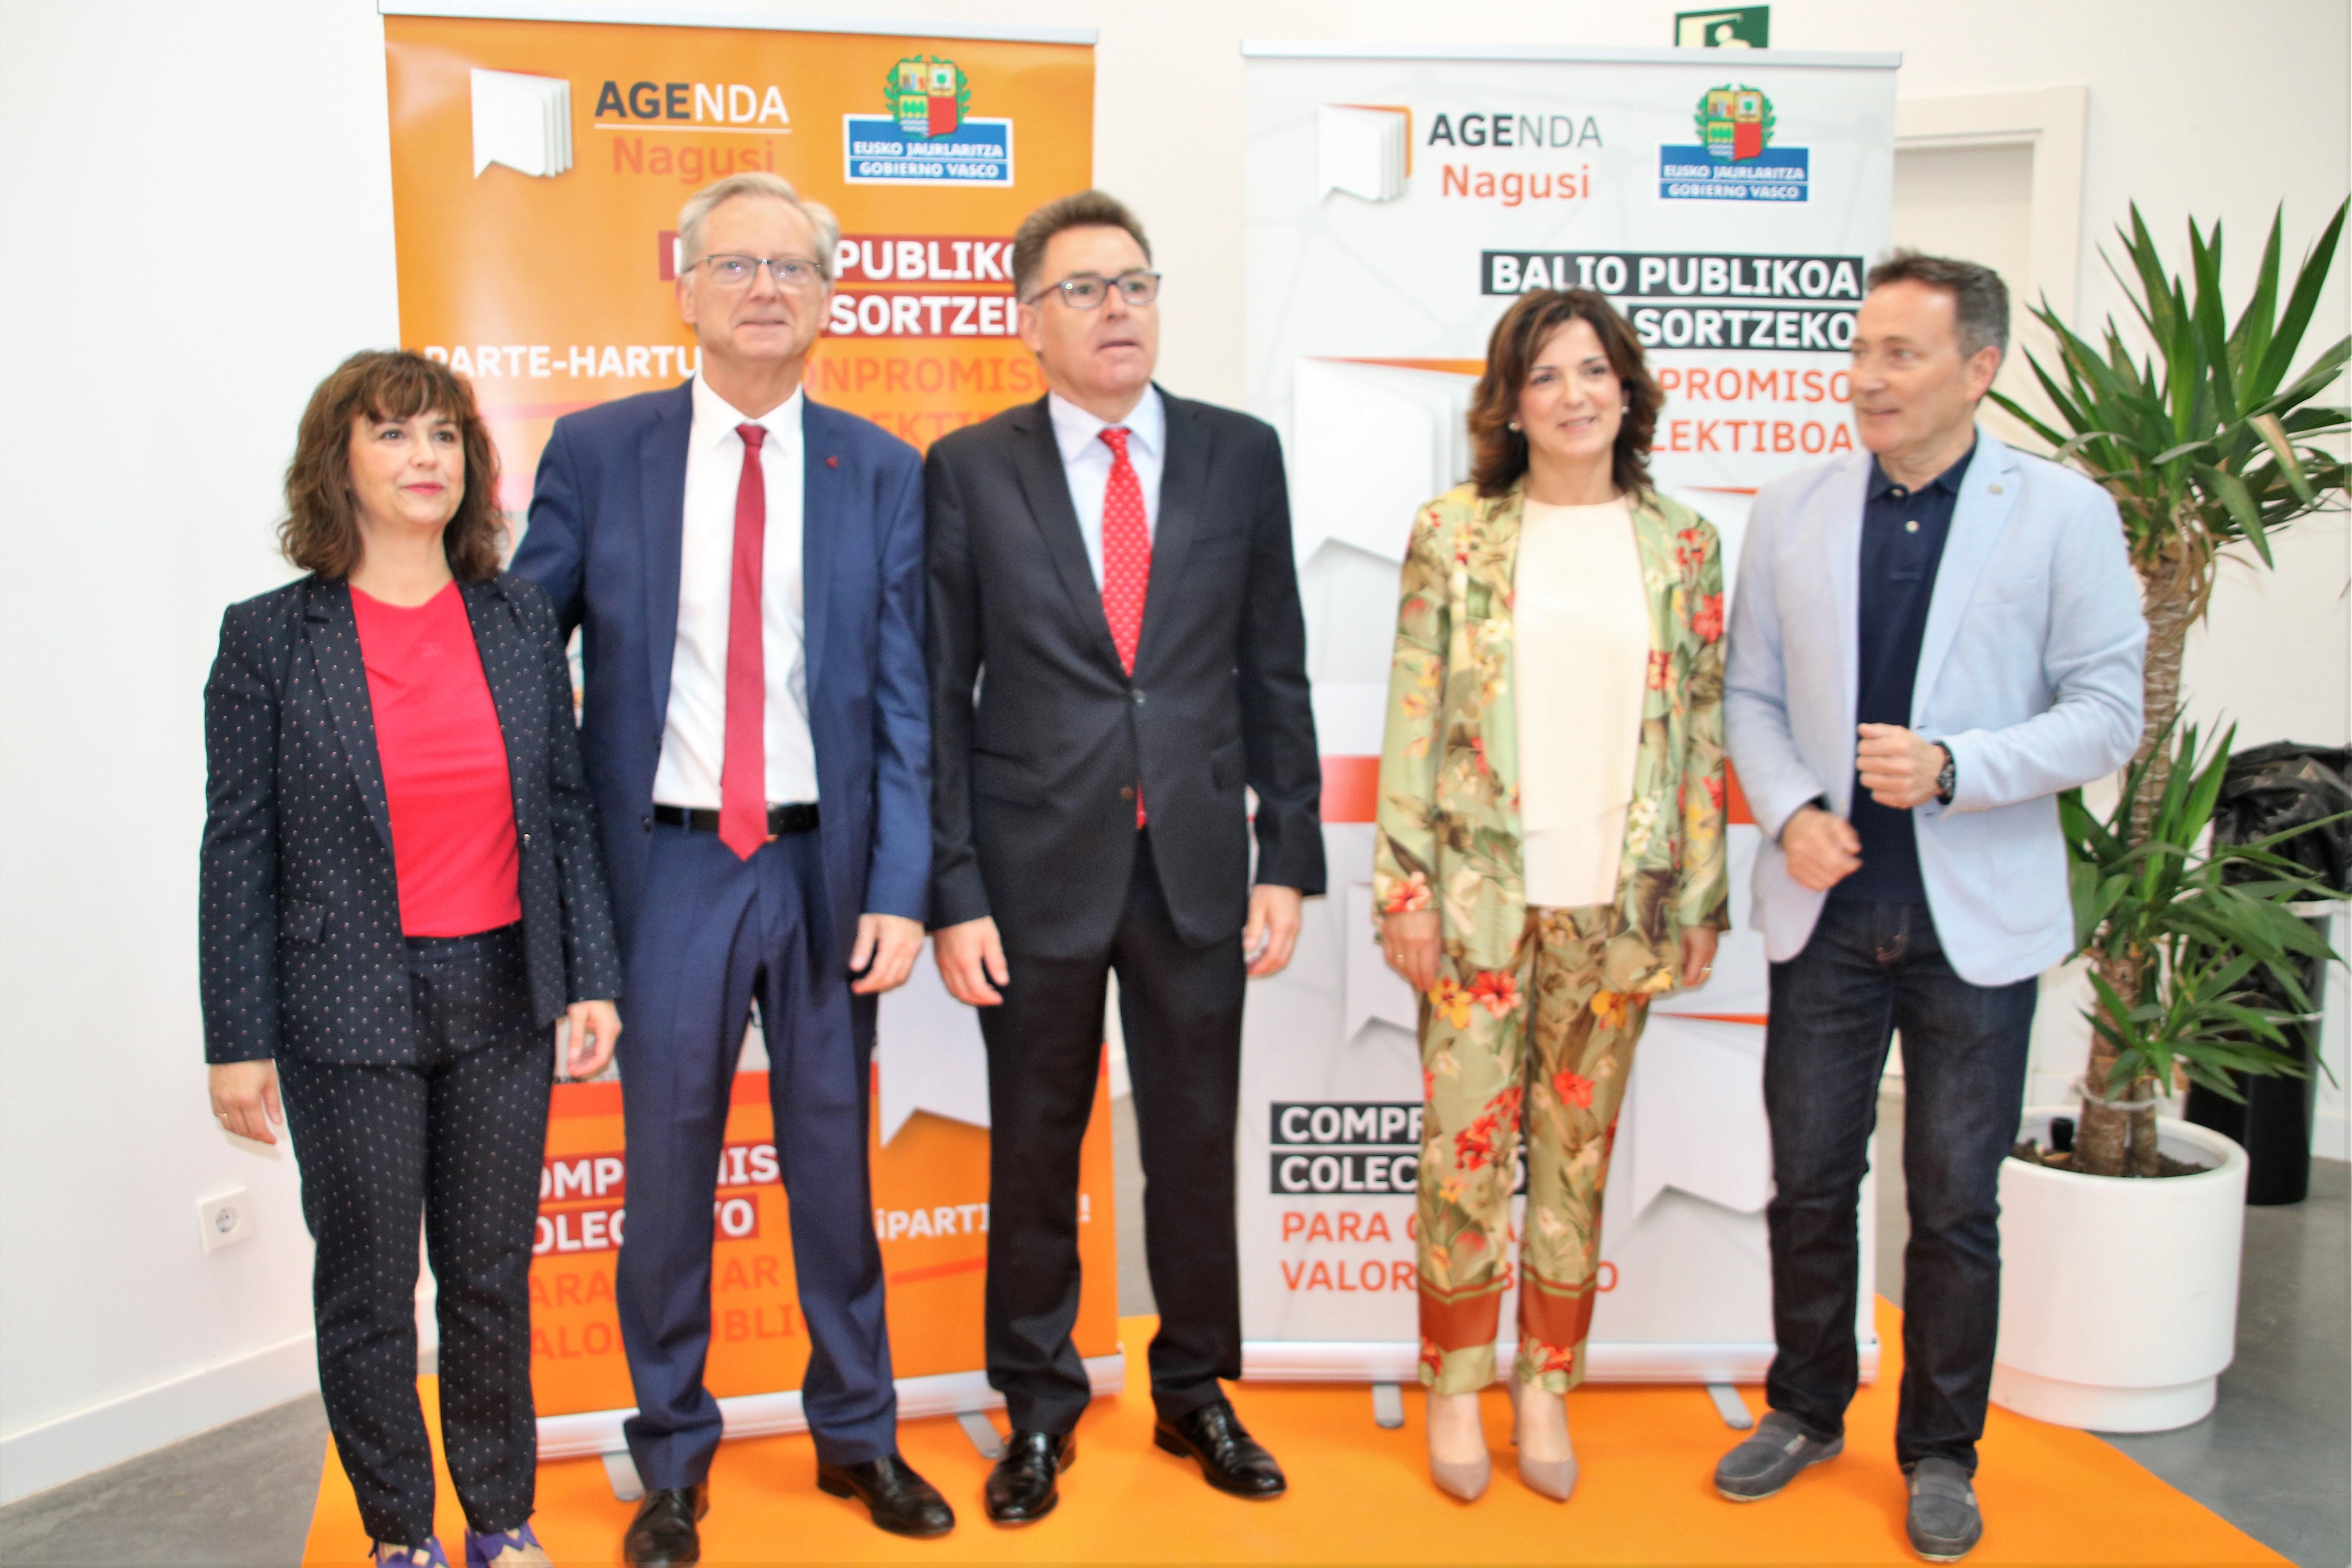 """Beatriz Artolazabal: """"AGENDA Nagusi, una oportunidad para que quienes envejecen definan los problemas que les afectan y colaboren en las decisiones"""""""